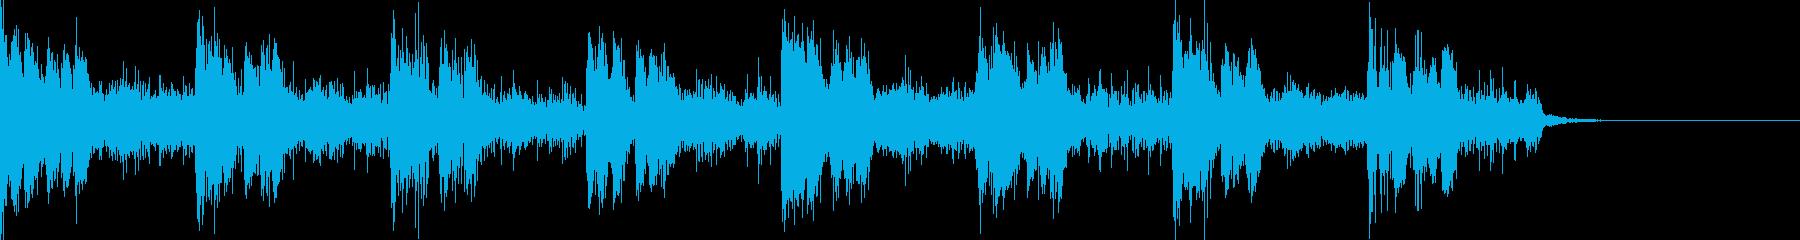 【迫力】ラスボス登場シーン【戦闘】の再生済みの波形